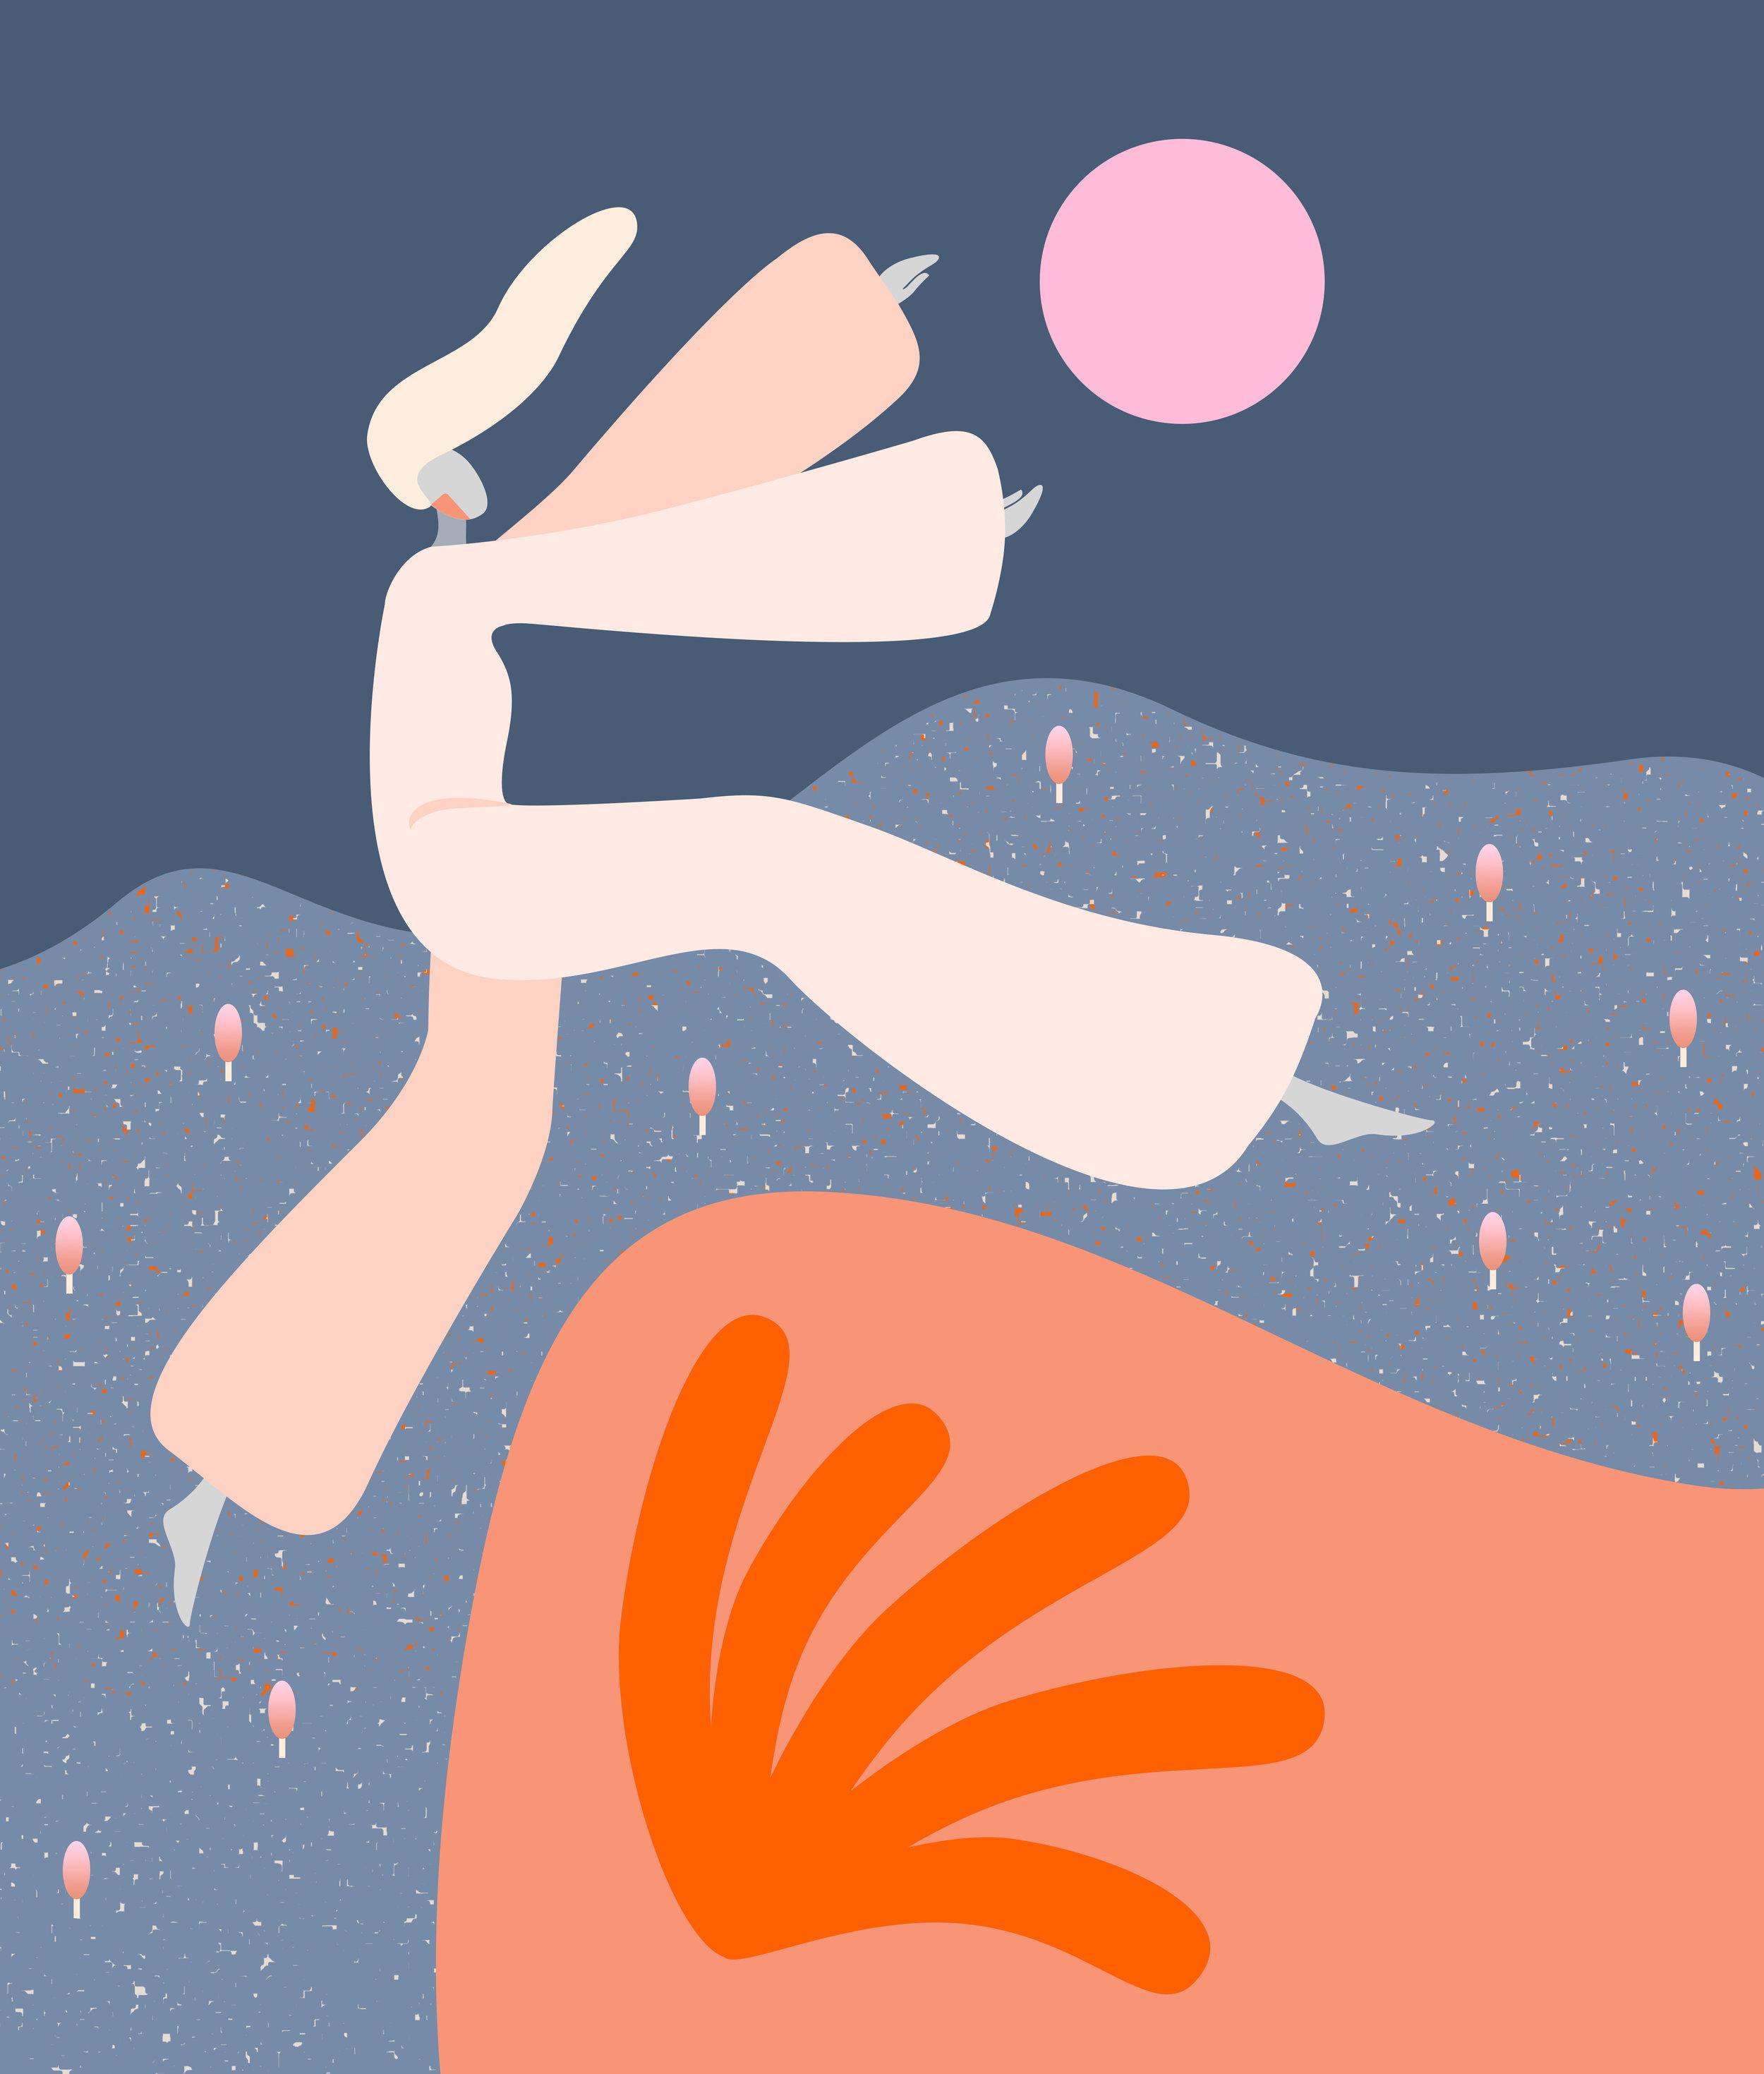 Dance of spring, App illustration, Calender